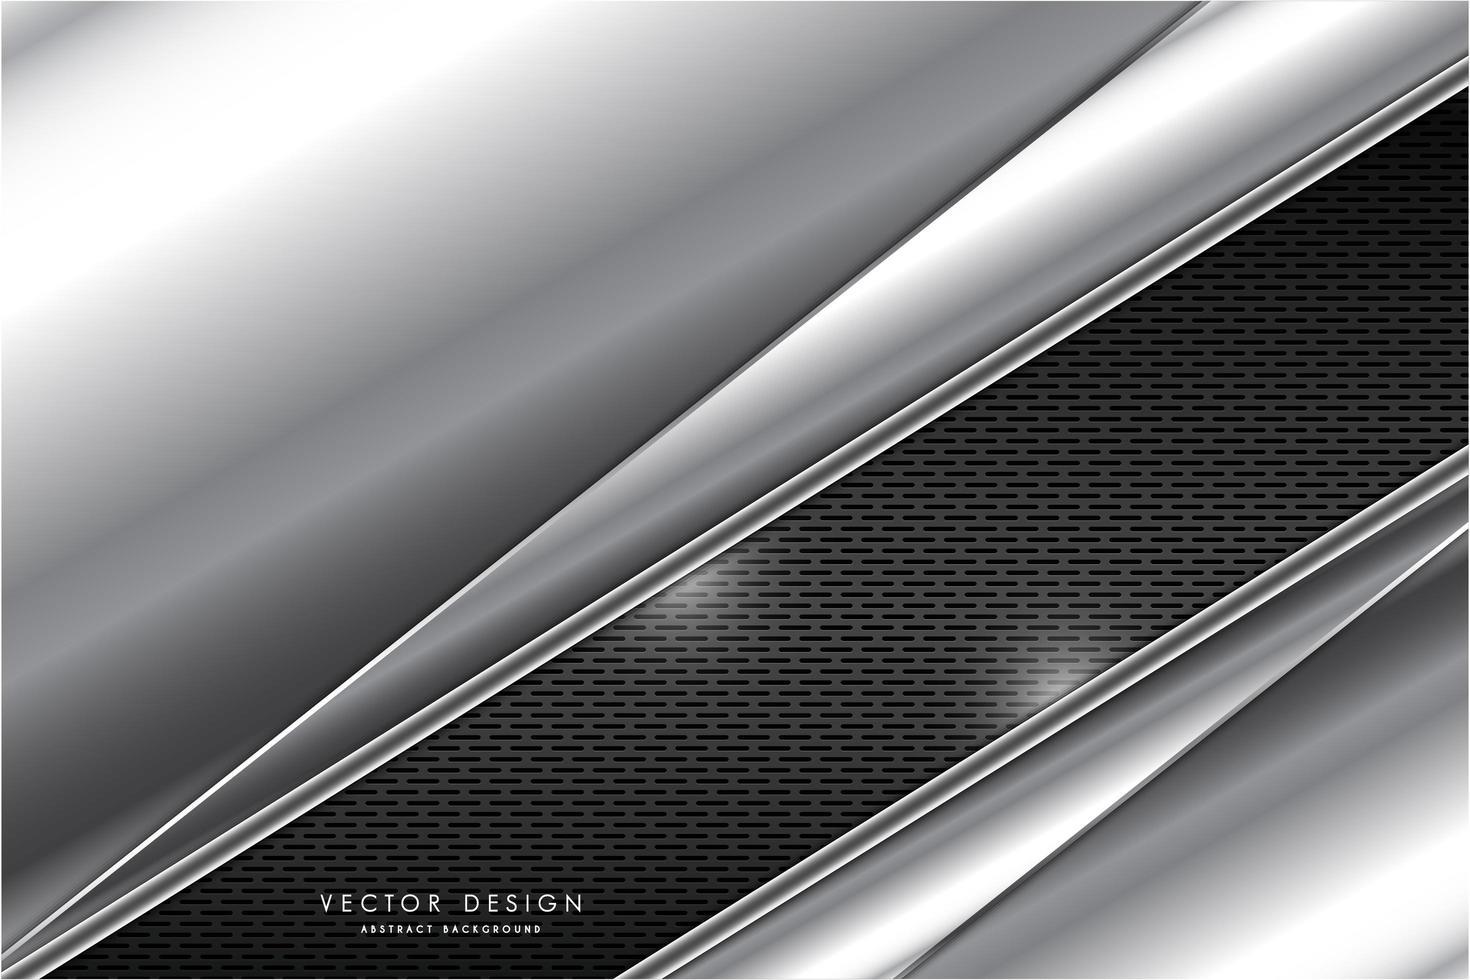 placas anguladas de plata metálica sobre textura de rejilla gris vector